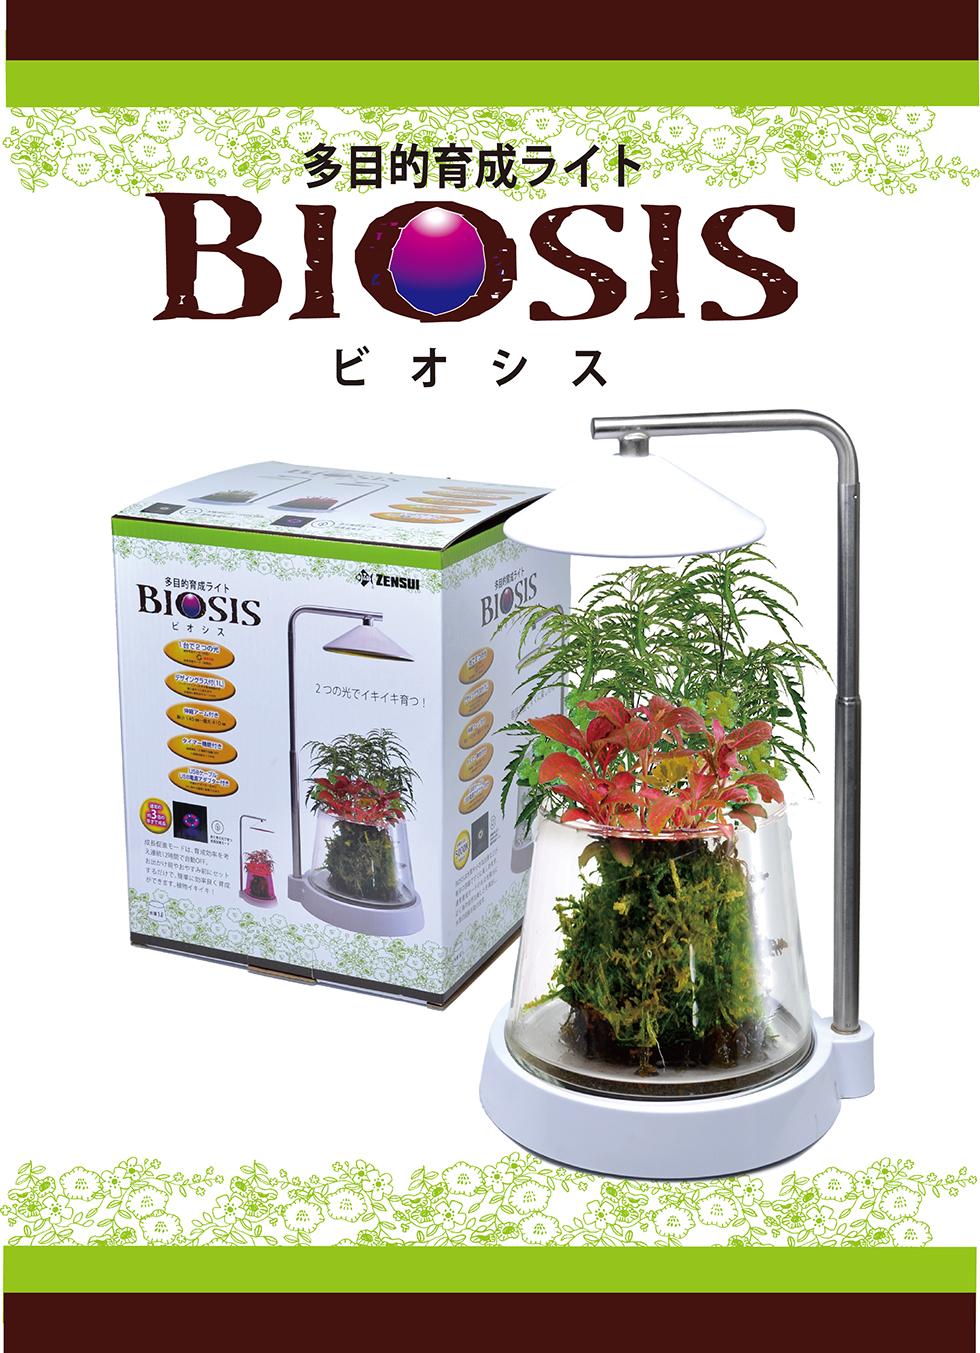 BIOSIS ビオシス 多目的育成ライト